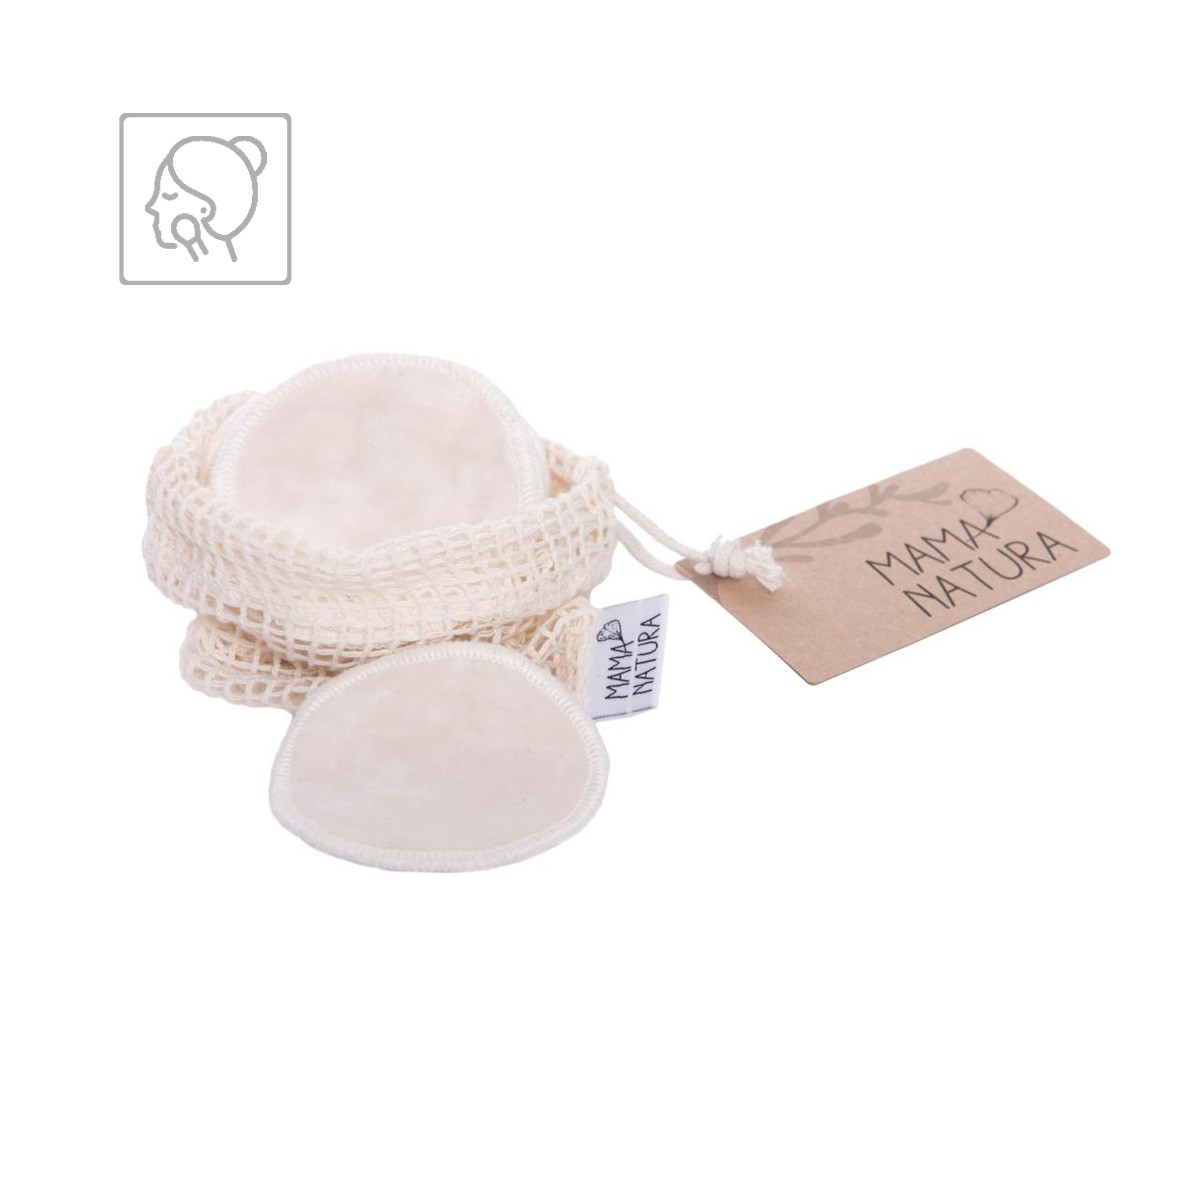 Kosmetický pratelný tampon Mama Natura z bio bavlněného sametu v síťovaném obalu – 7 cm malý (6 ks)